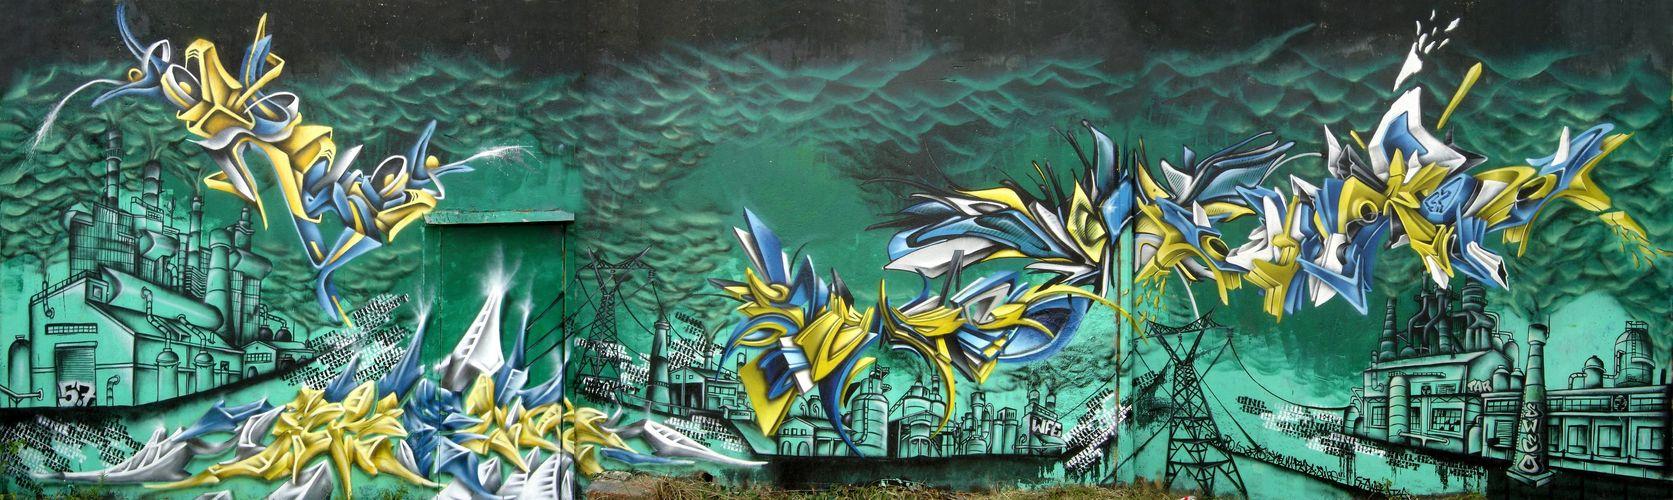 Œuvre Par DESO à Montpellier